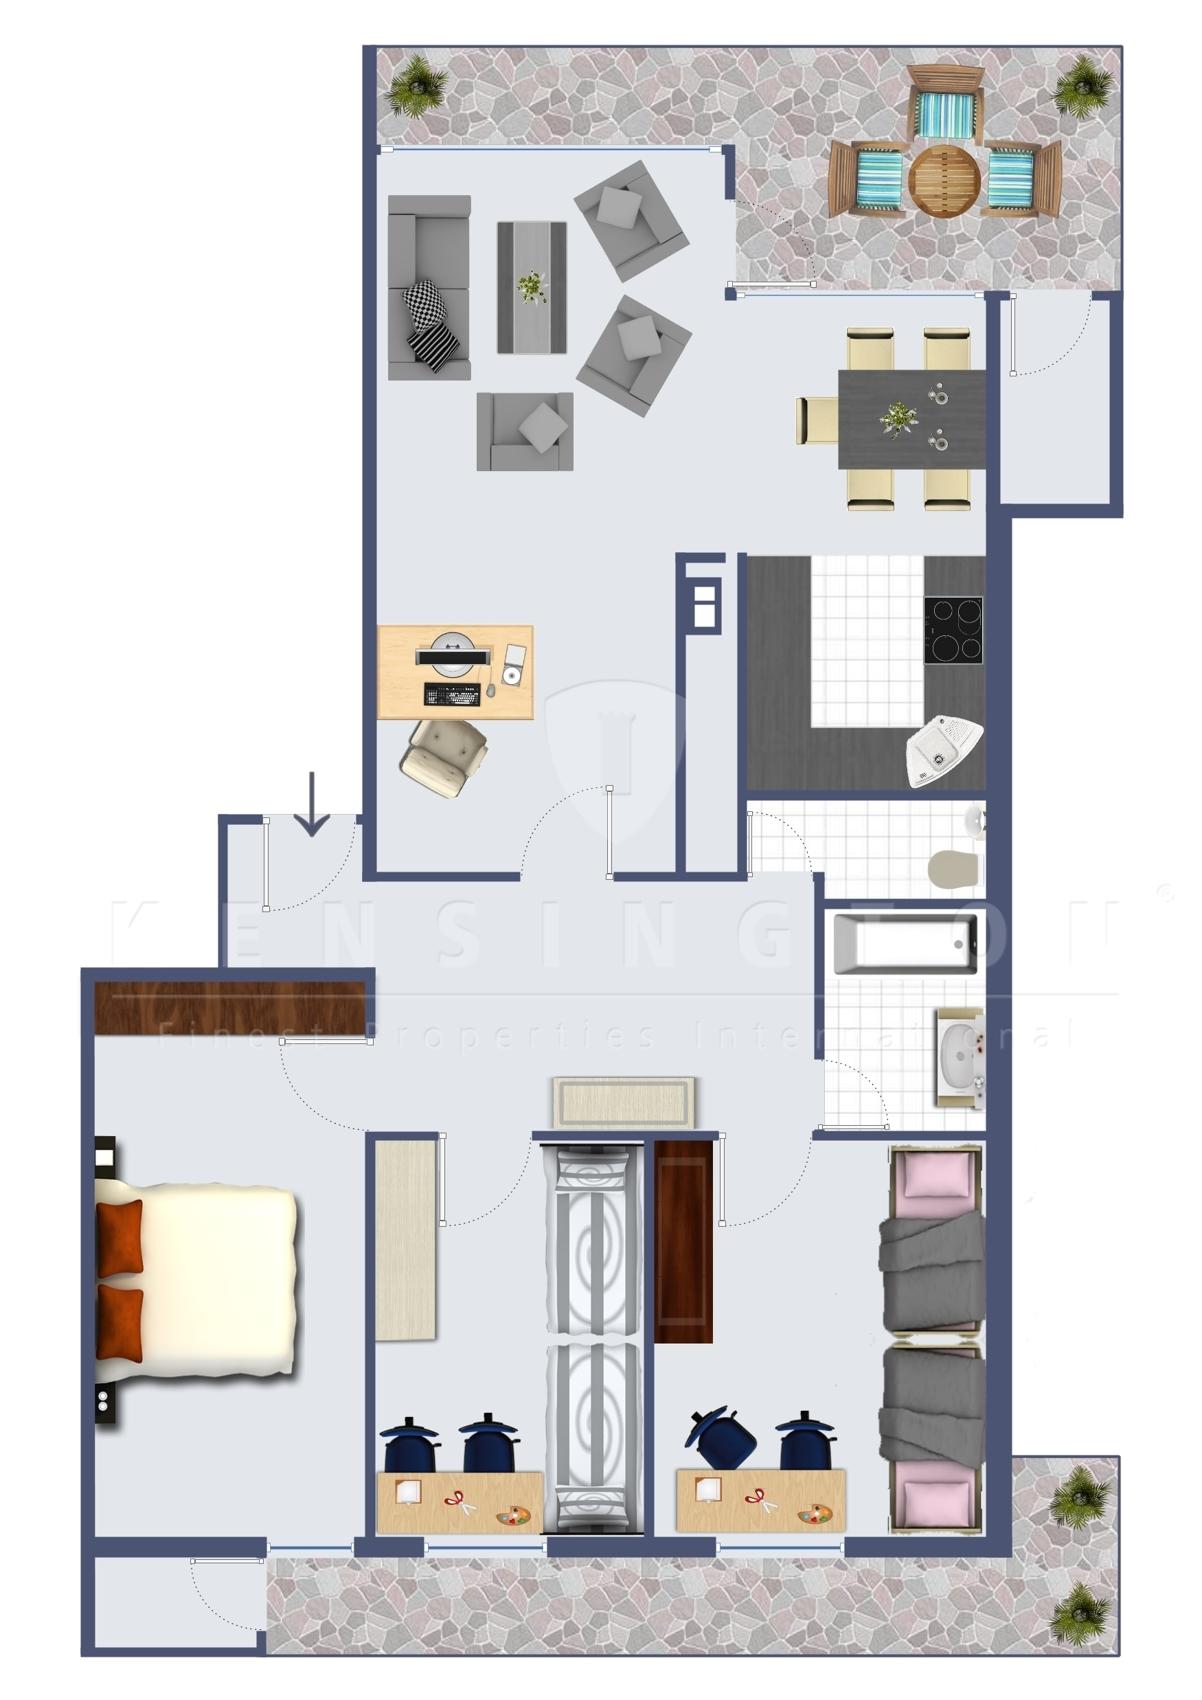 11. Etage